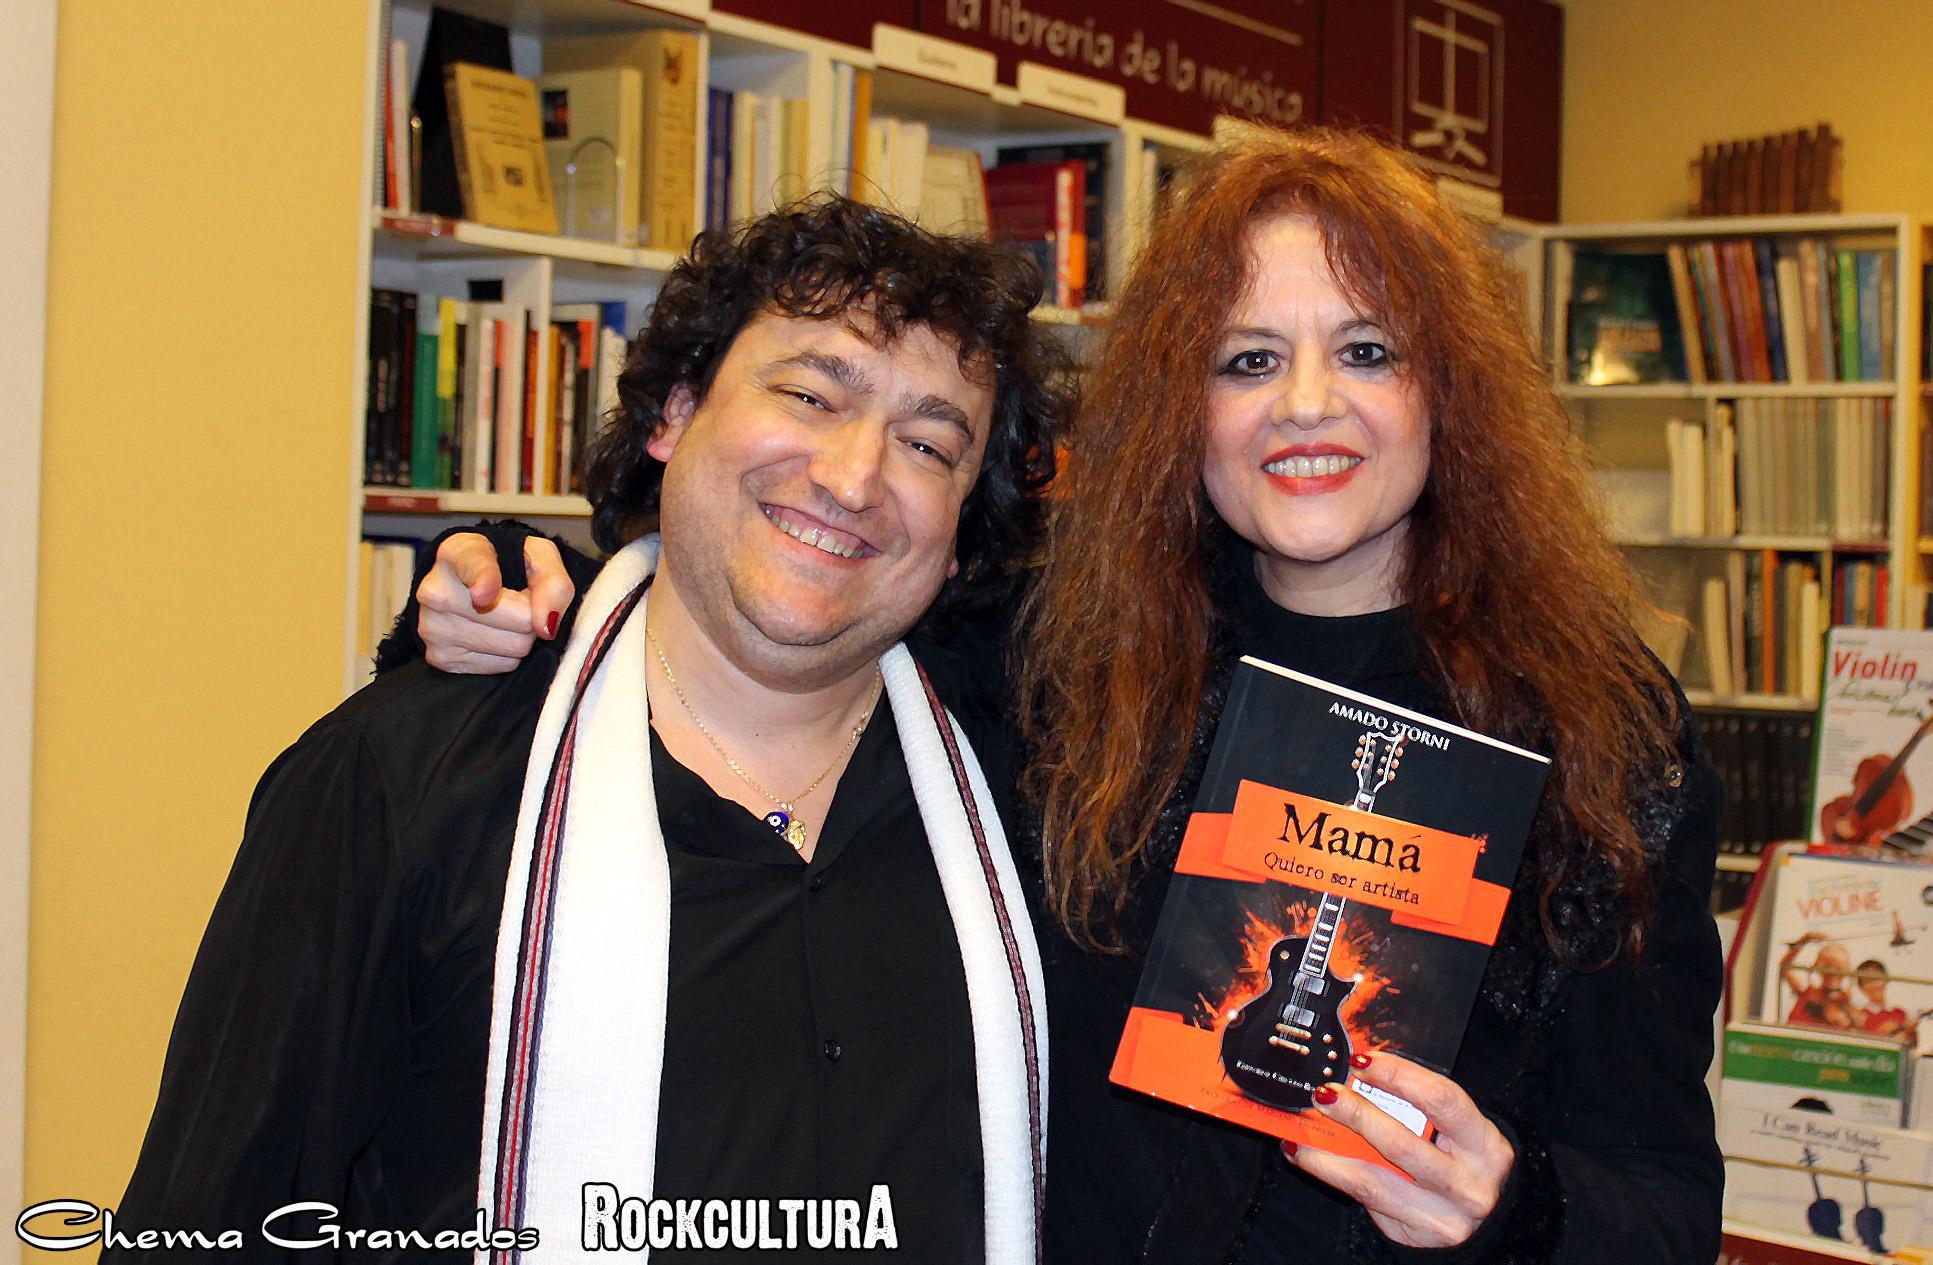 Amado Storni y Leonor Marchesi (Onlyrica)